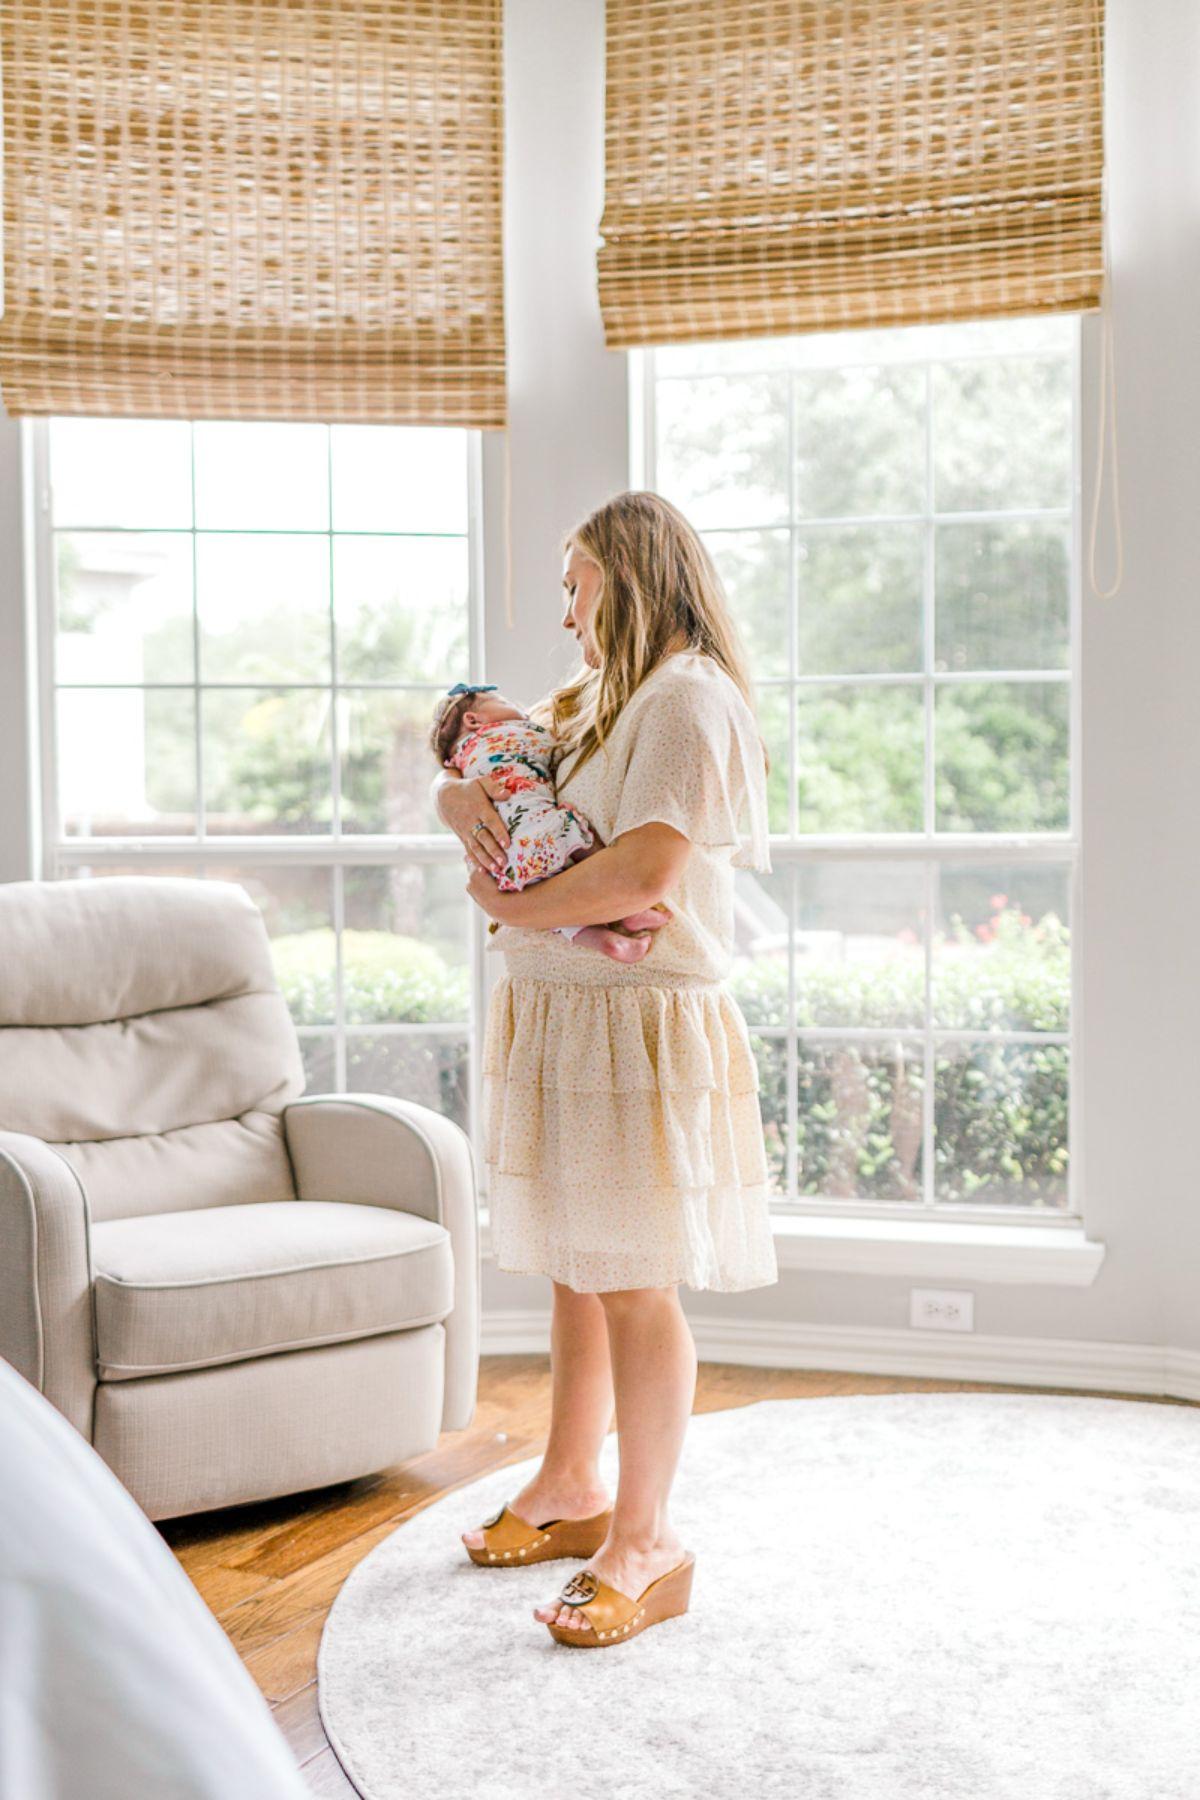 ennis-newborn-photographer-kaitlyn-bullard-charlotte-lifestyle-newborn-13.jpg